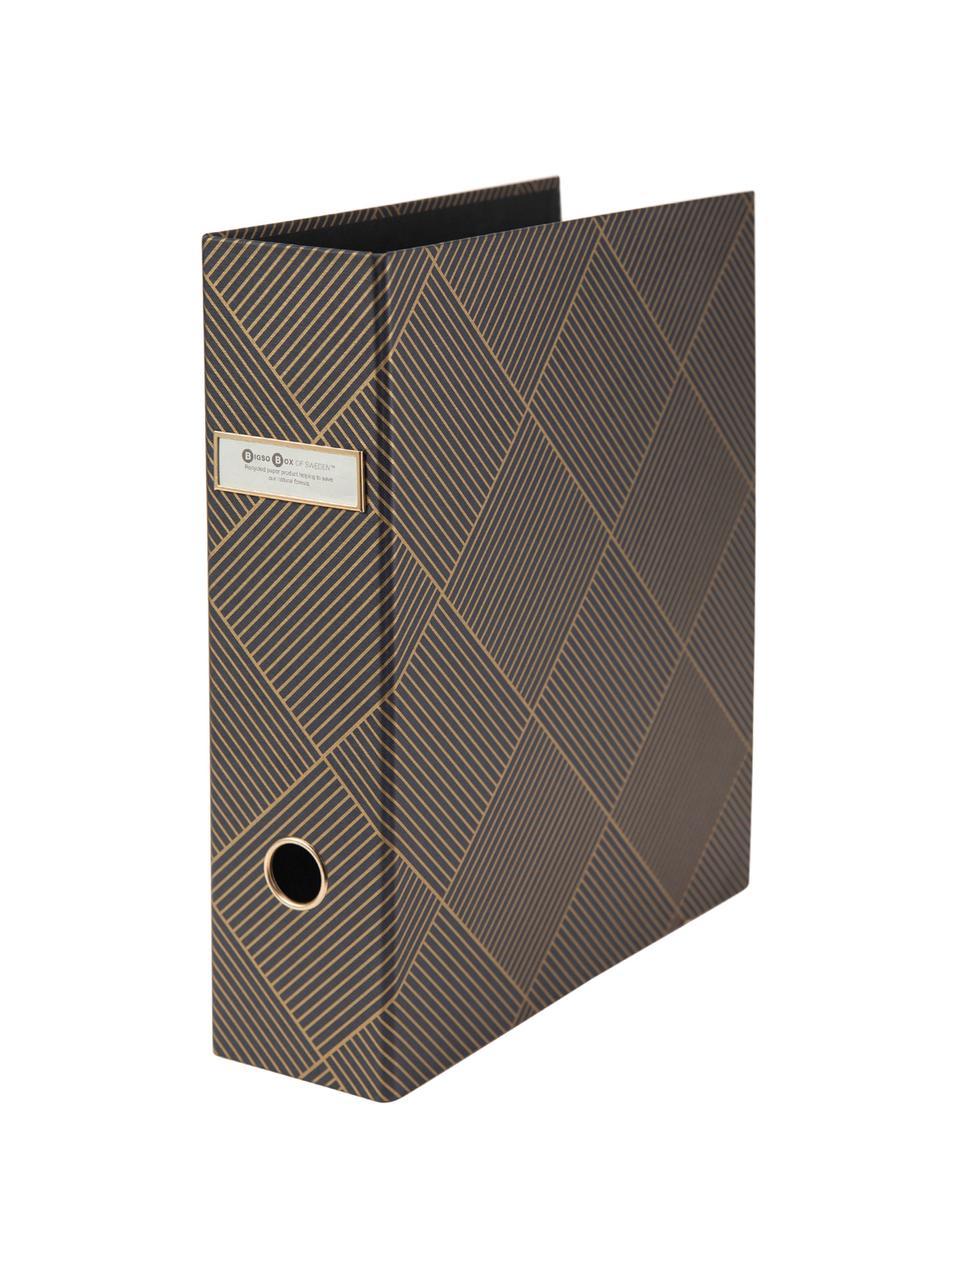 Cartella portadocumenti Archie, Dorato, grigio scuro, Larg. 29 x Alt. 32 cm